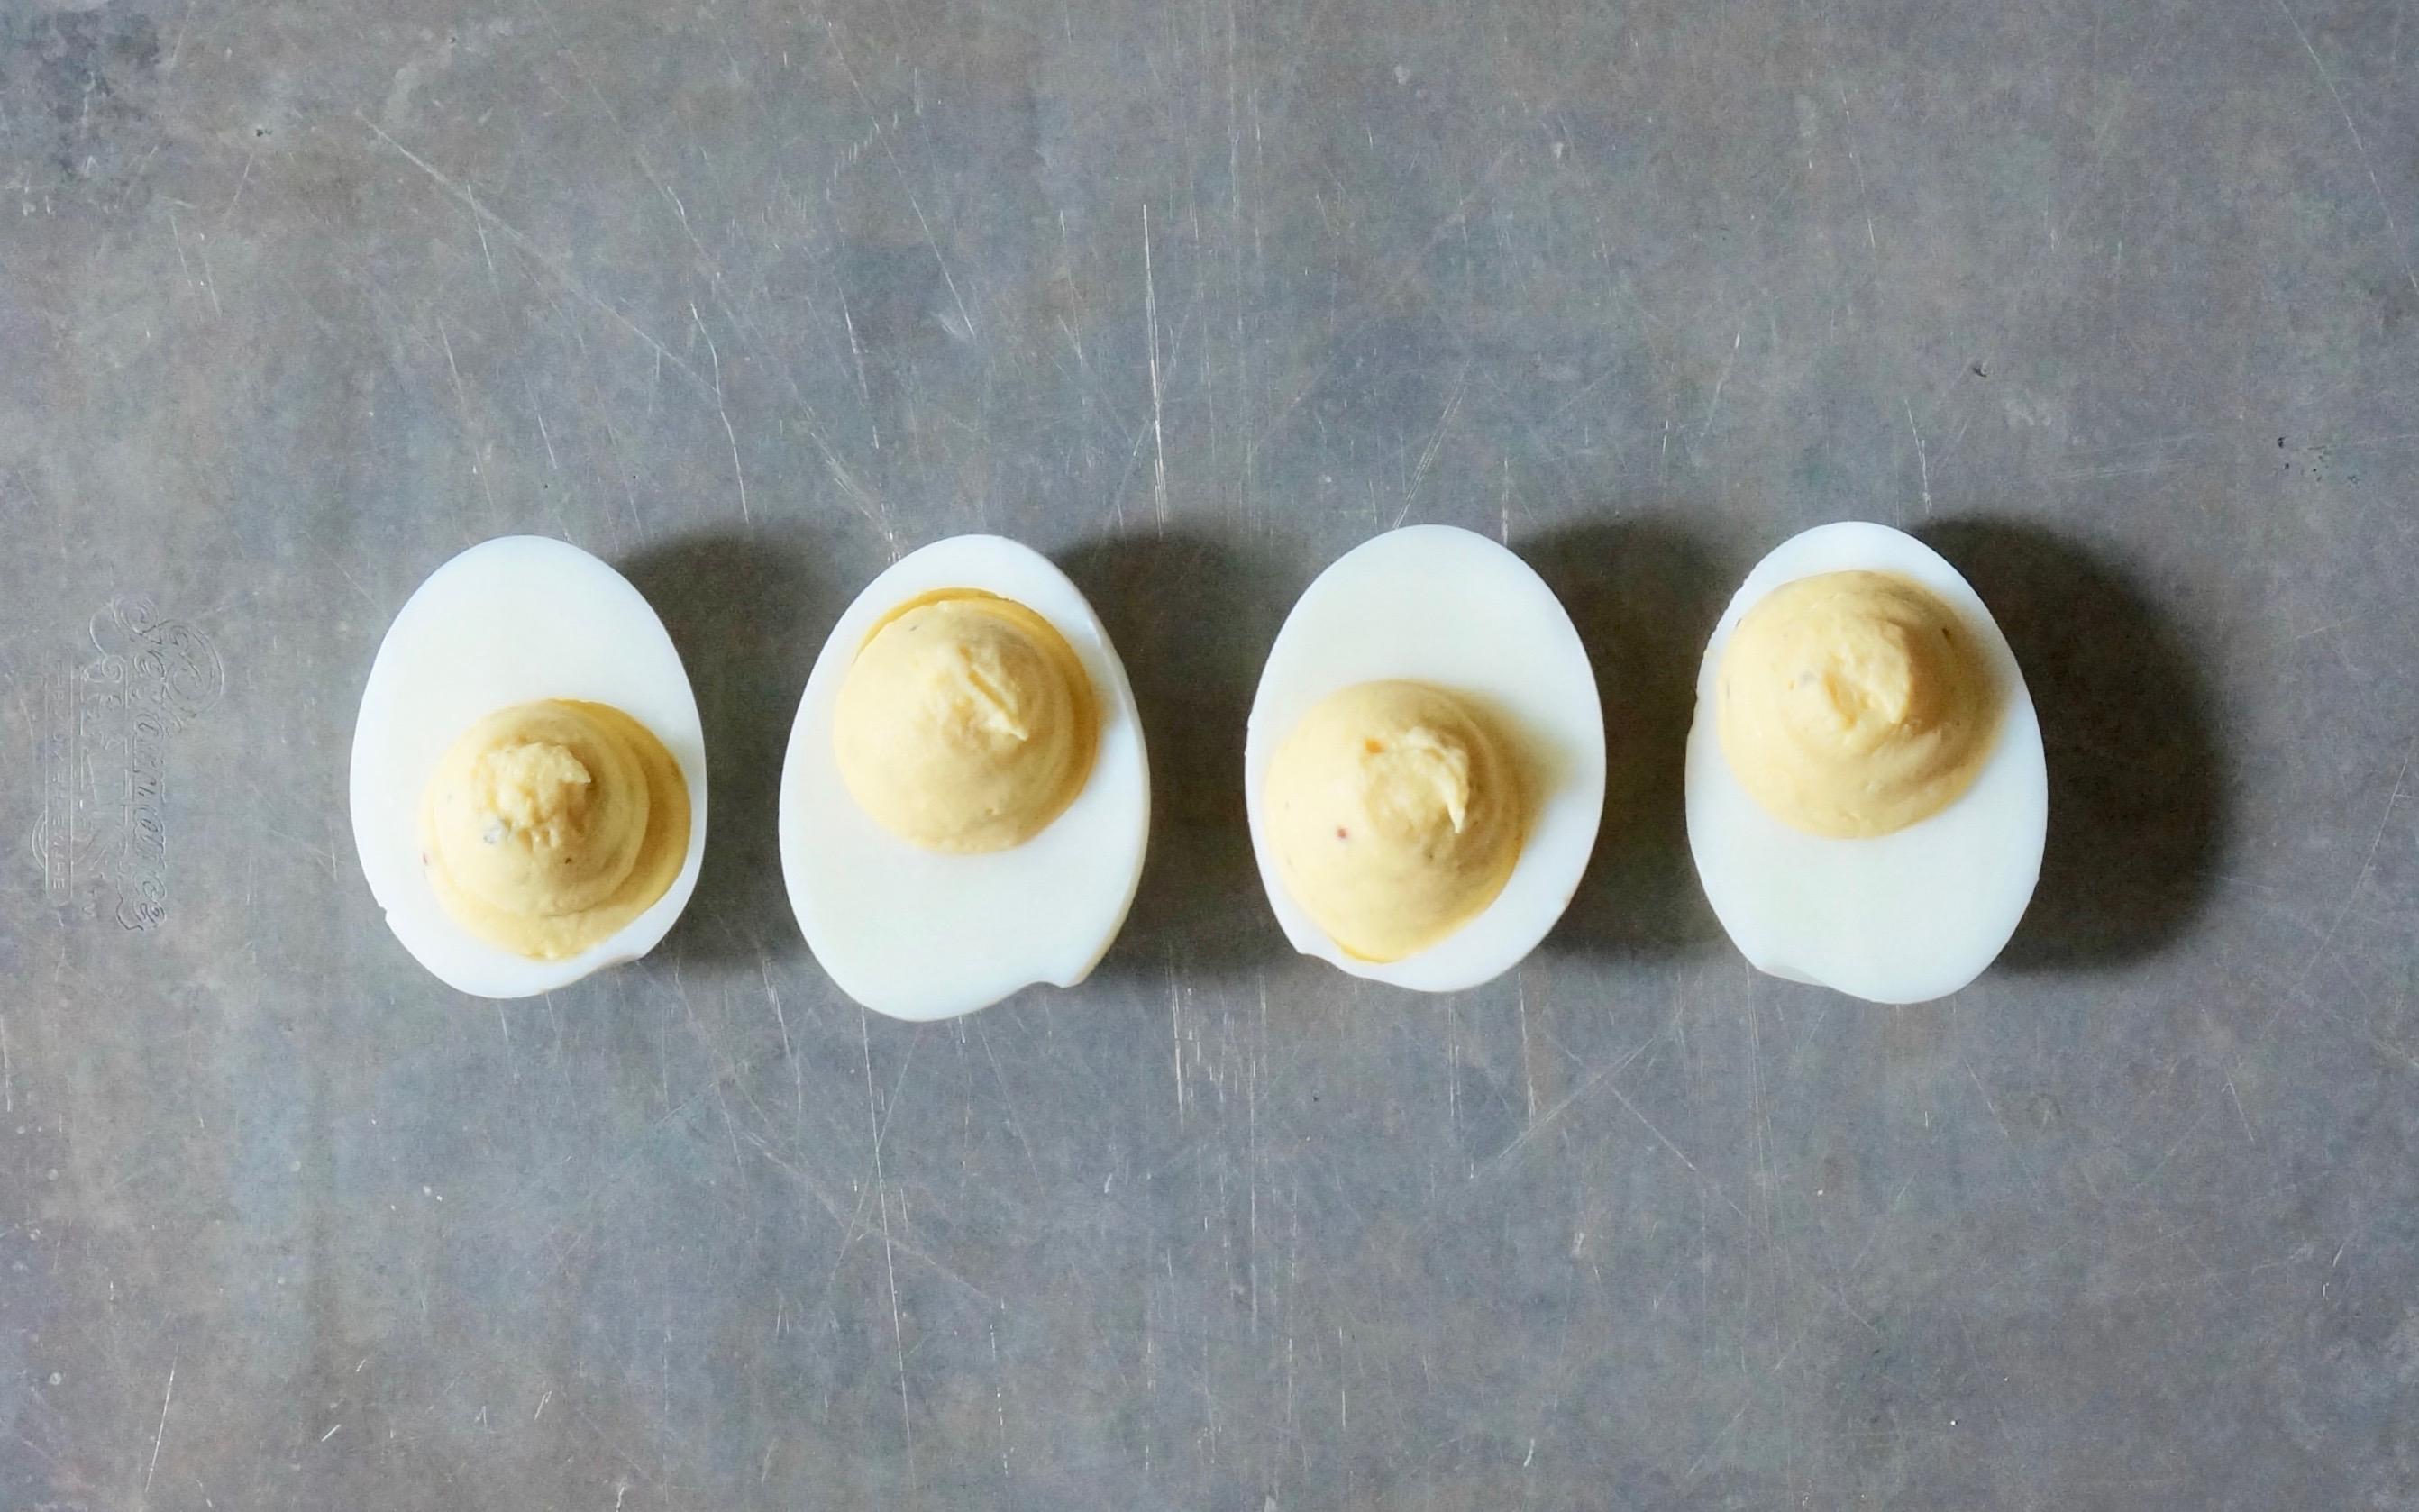 How To Make Deviled Eggs Rebecca Gordon Editor In Chief Buttermilk Lipstick Culinary Entertaining Techniques-RebeccaGordon-Pastry-Chef-Birmingham-Alabama